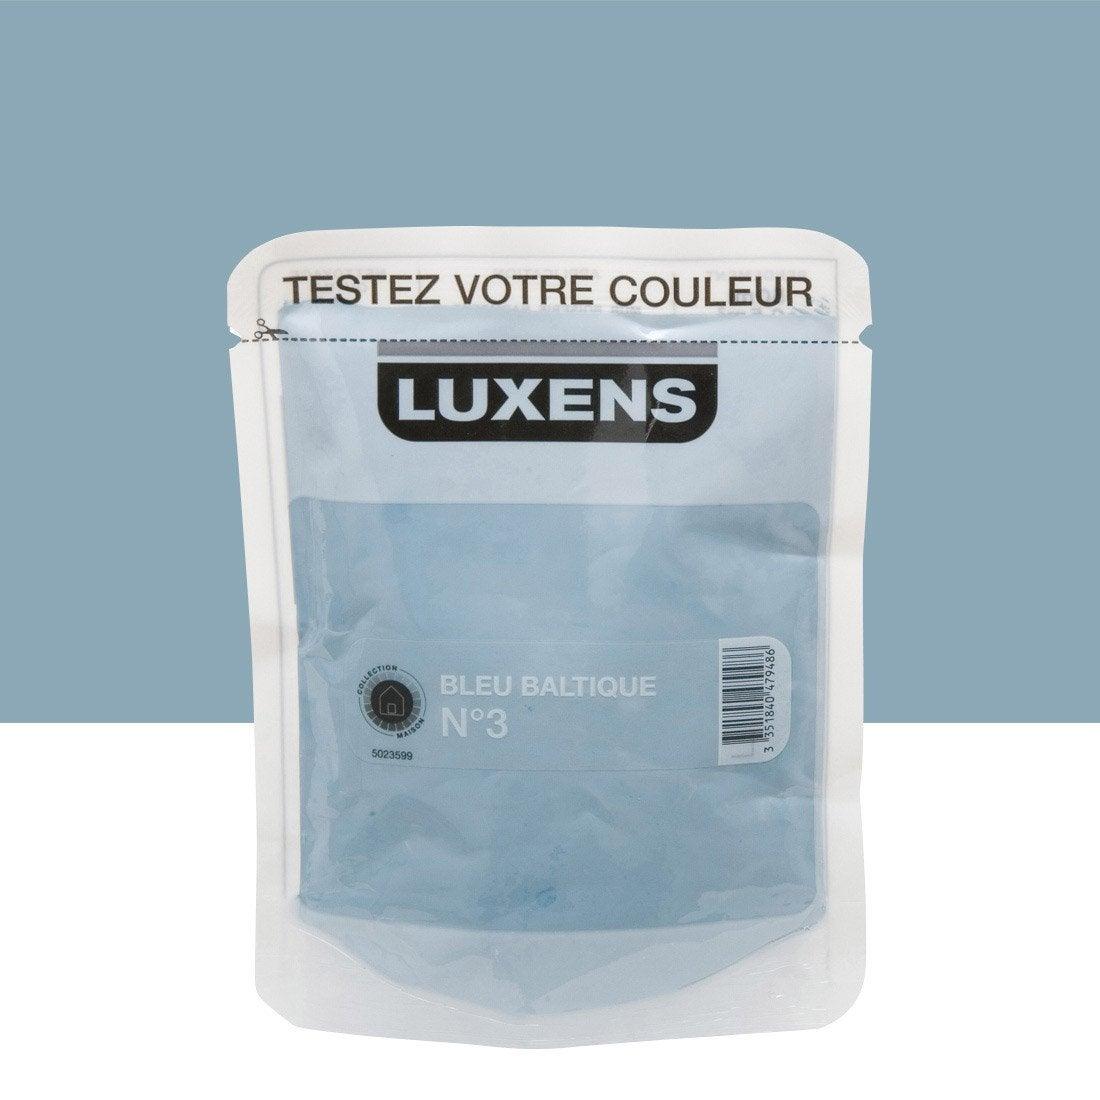 testeur peinture bleu baltique 3 luxens couleurs int rieures satin l leroy merlin. Black Bedroom Furniture Sets. Home Design Ideas